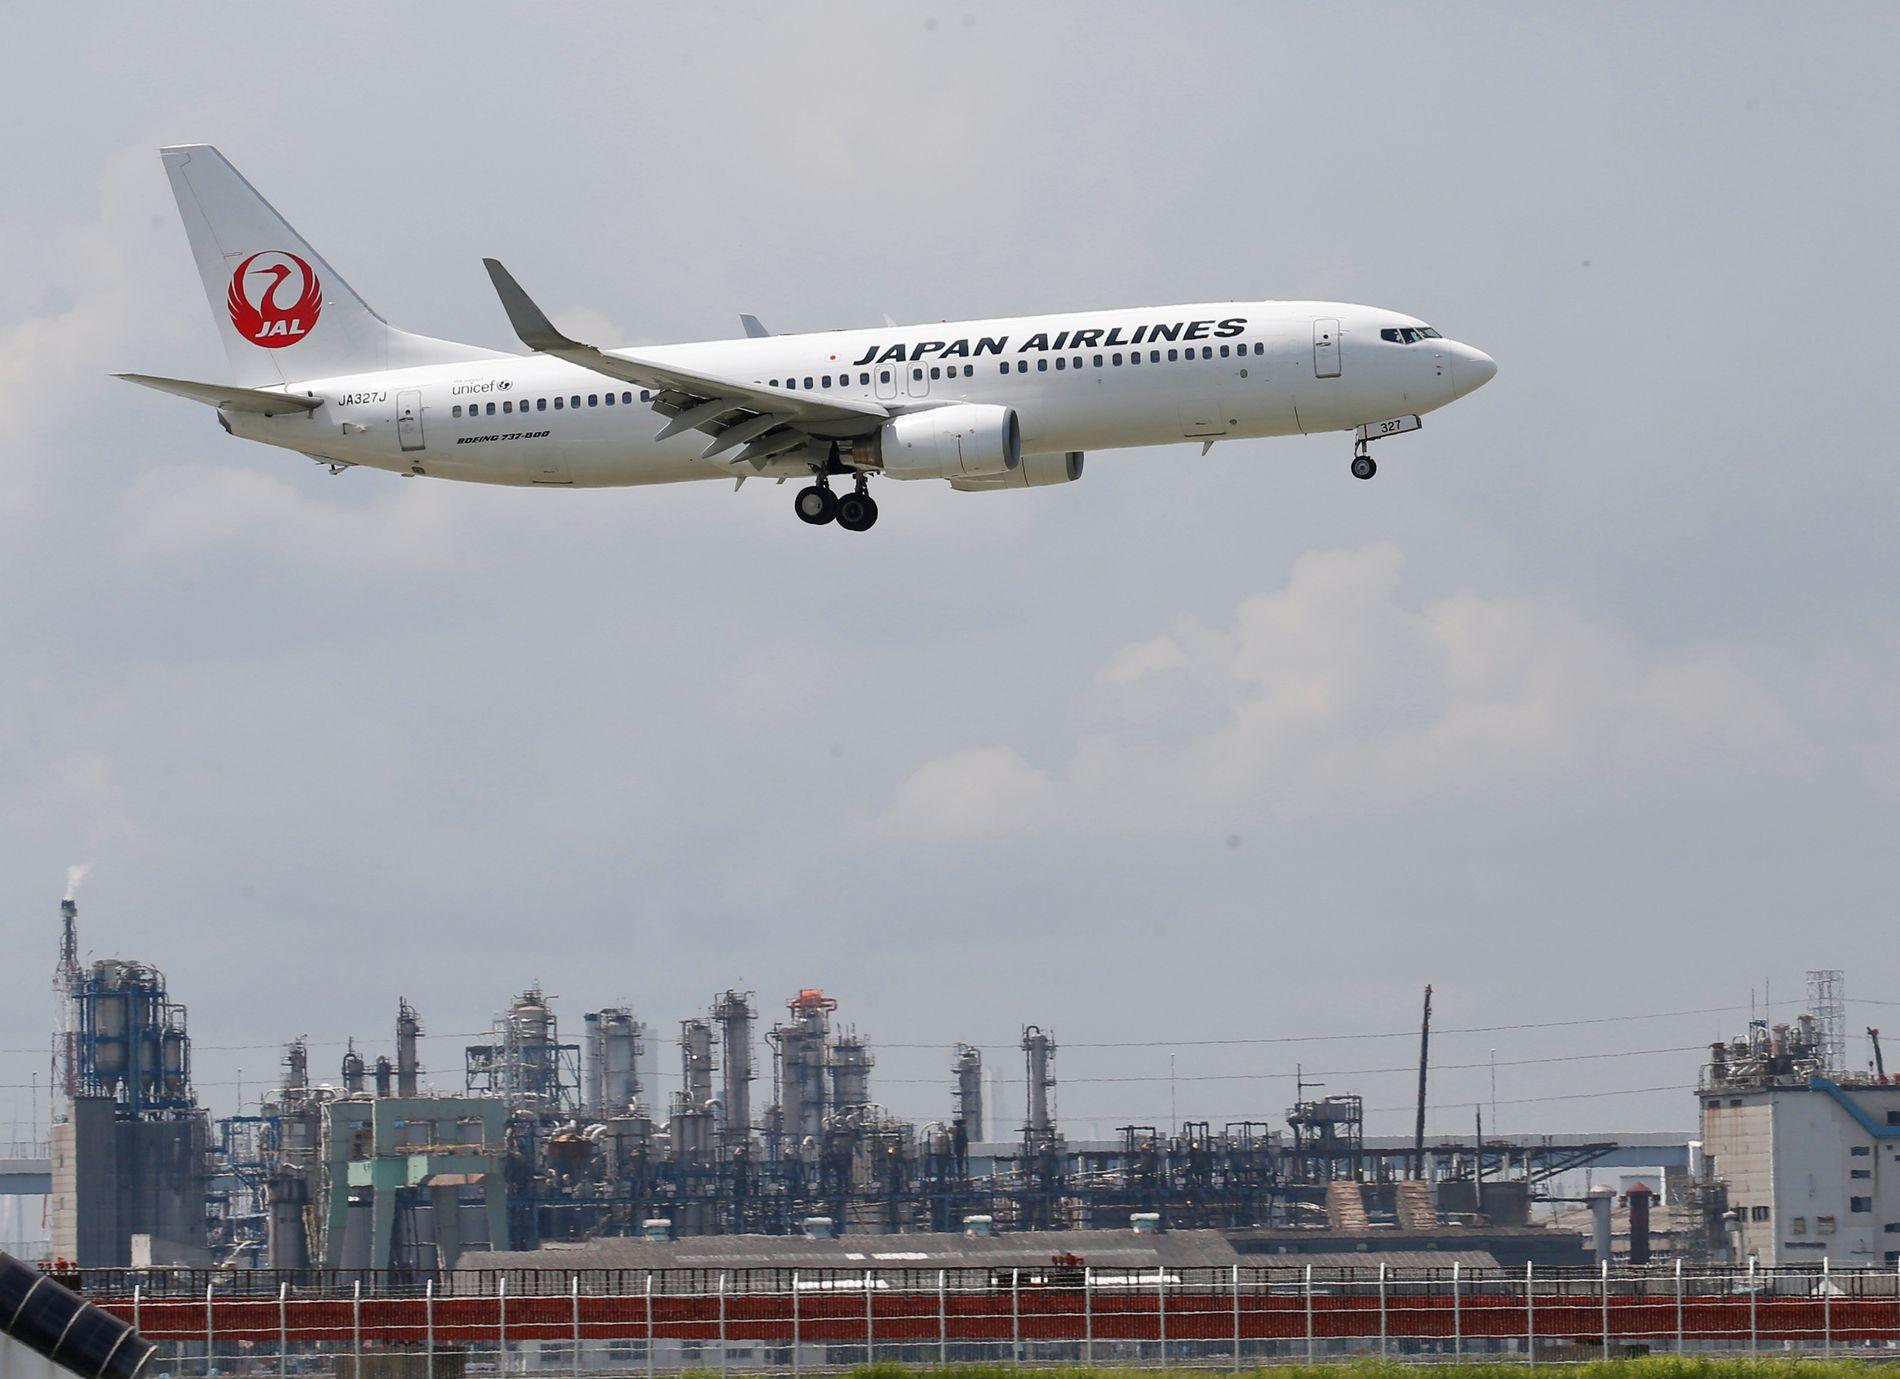 LUFTIG ALKOHOLPROBLEMATIKK: Siden august 2017 har det vært 19 tilfeller der Japan Airlines-piloter har strøket på selskapets alkoholtester.